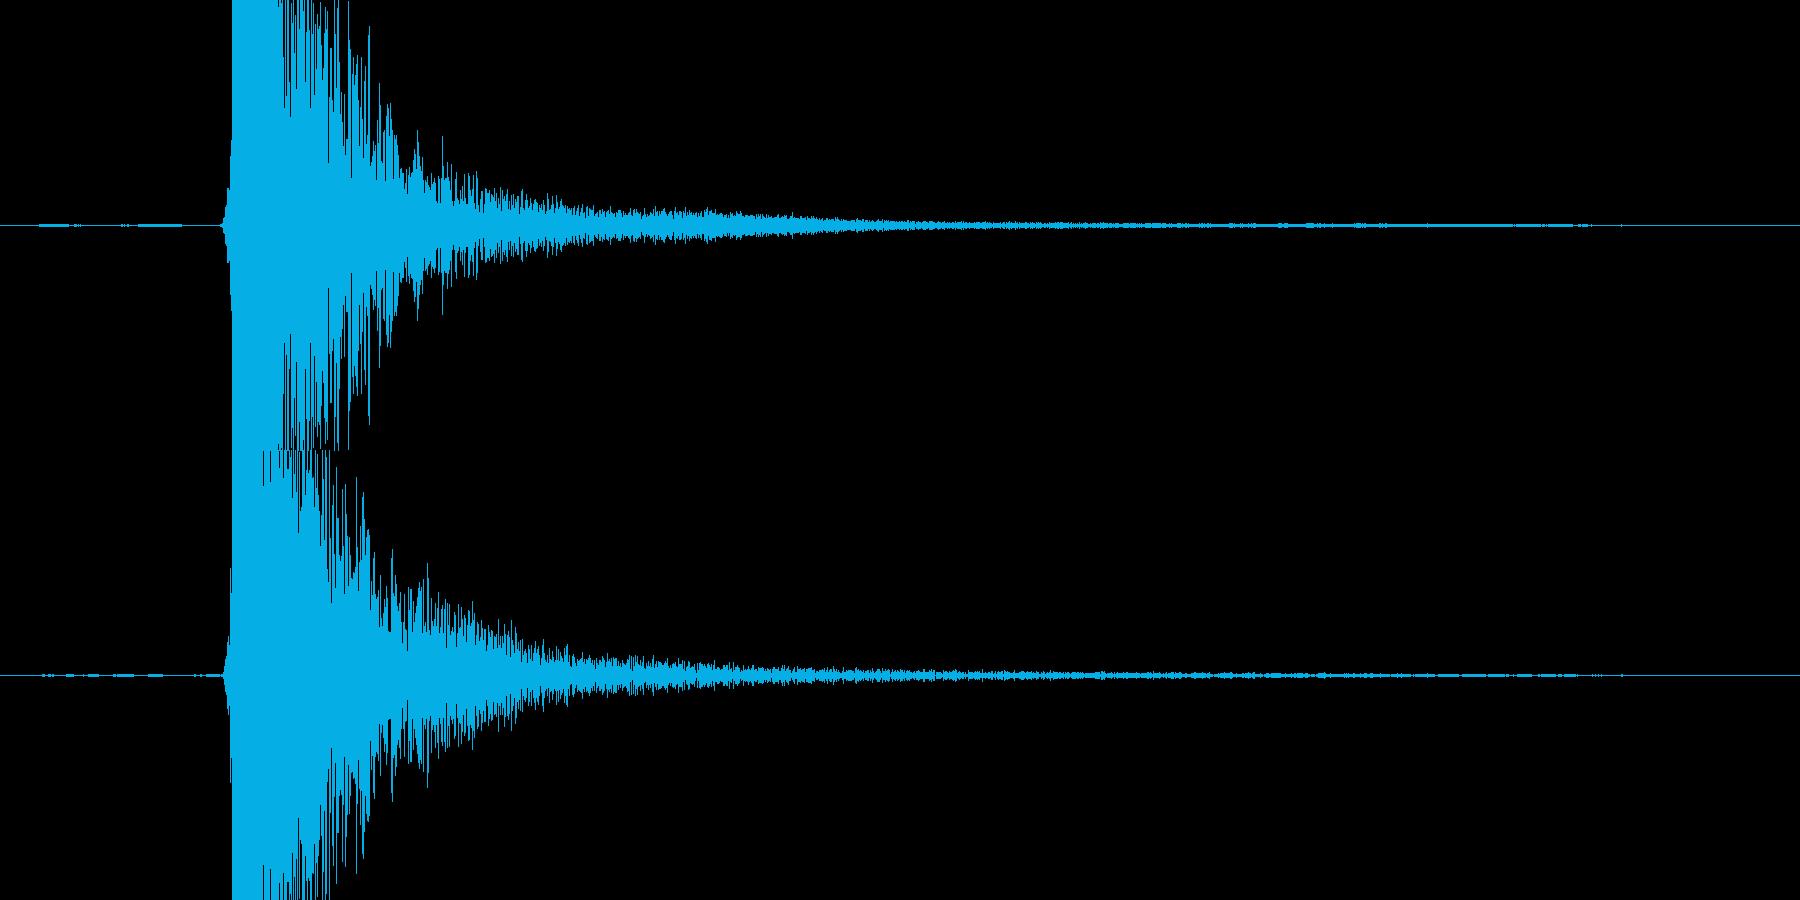 【衝撃音】鉄と鉄がぶつかる音の再生済みの波形